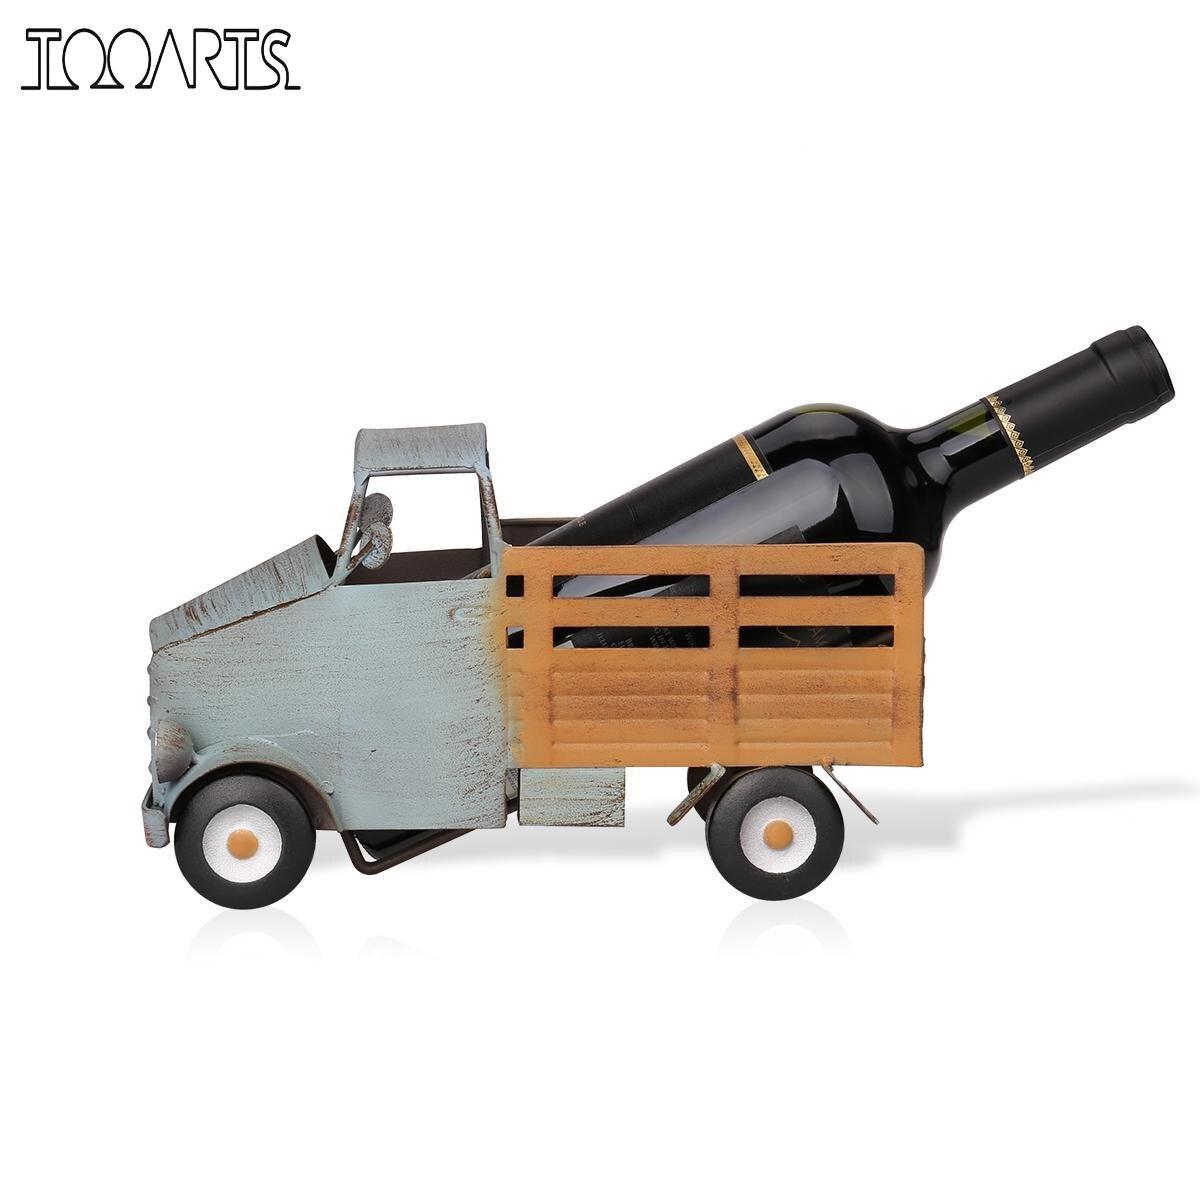 Tooarts camionnette vin rack vin plateau figurine en métal pratique figurine décoration de la maison décoration